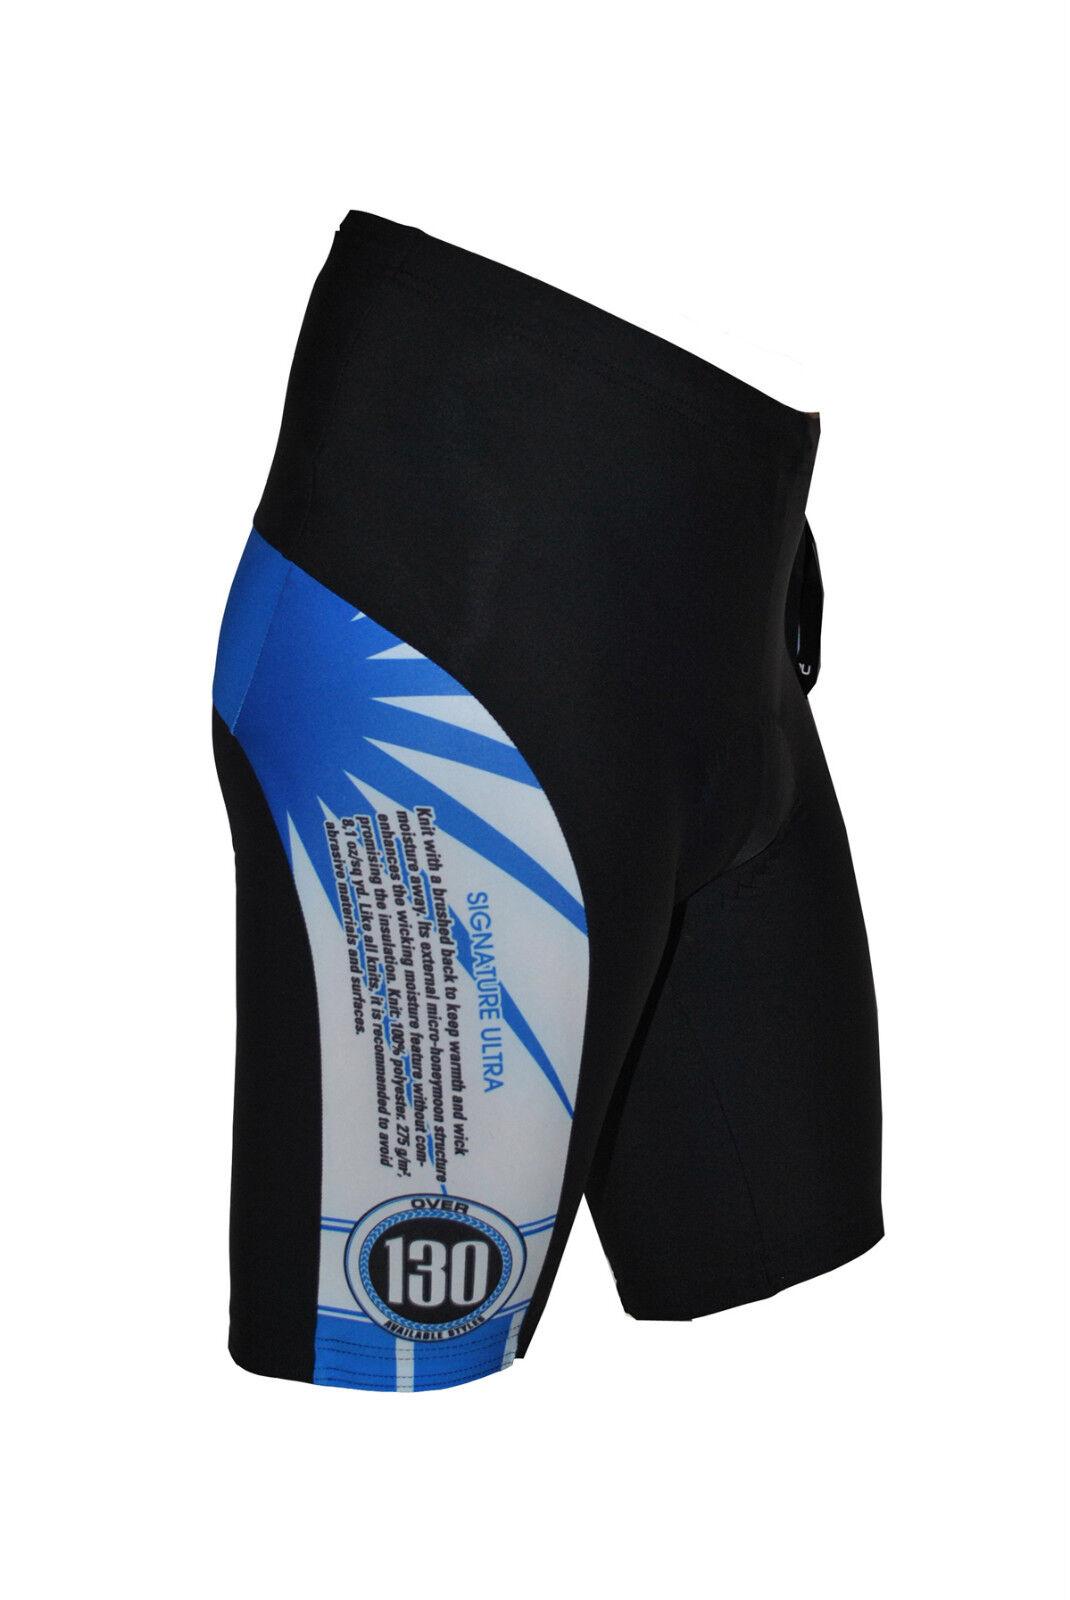 NEU S Louis Garneau Sport Clasico Radsport Shorts W W W   Komfort Gämse | Am praktischsten  2b4ffd